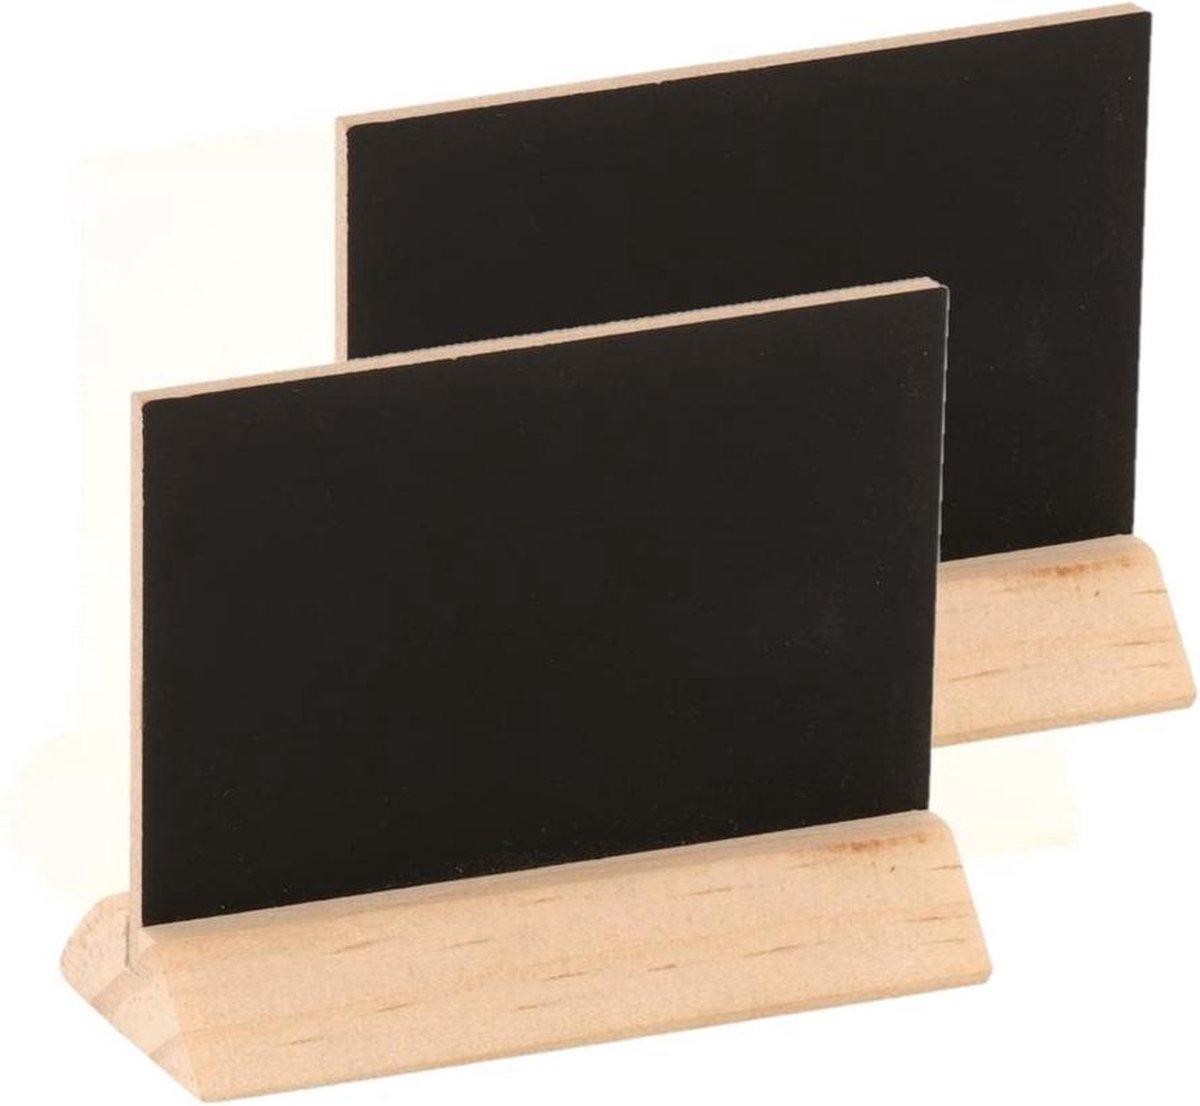 Merkloos / Sans marque Set van 20x stuks houten mini krijtbordje/schrijfbordje/memobordje op voet 6 cm Hobby/knutselbenodigdheden tekenbord Home deco Naamkaartjes online kopen